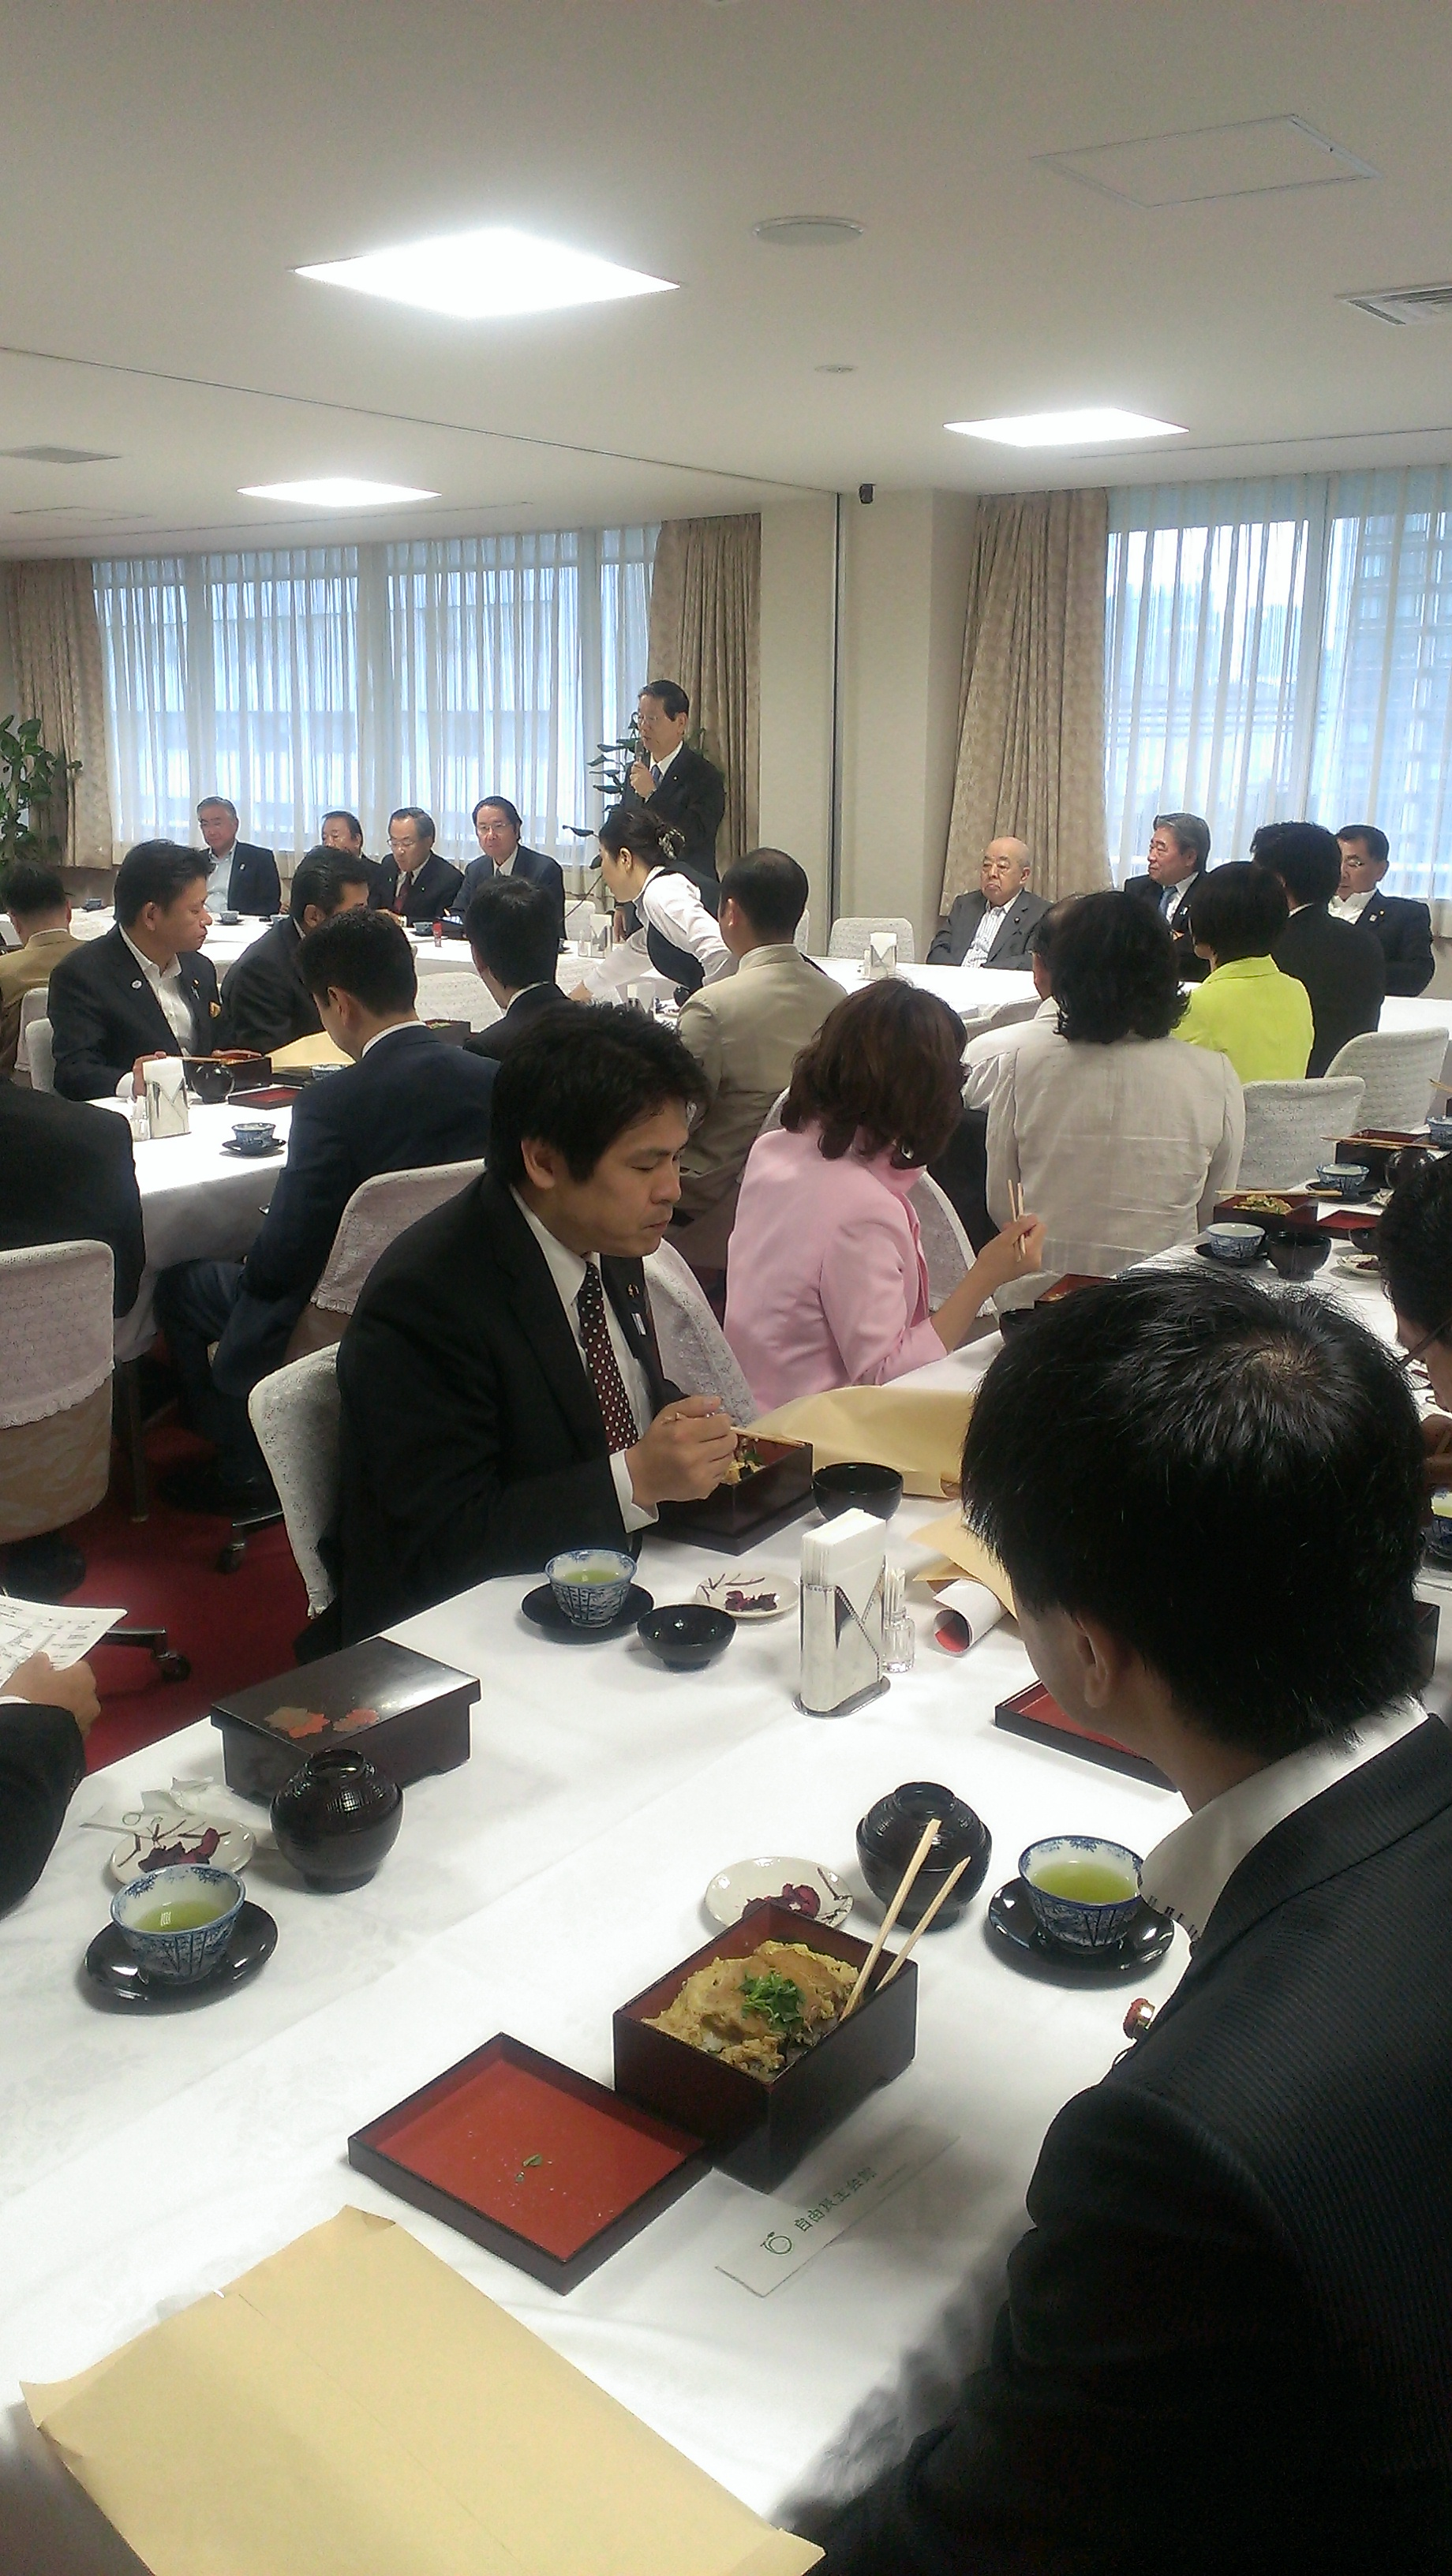 20130620清和研議員総会